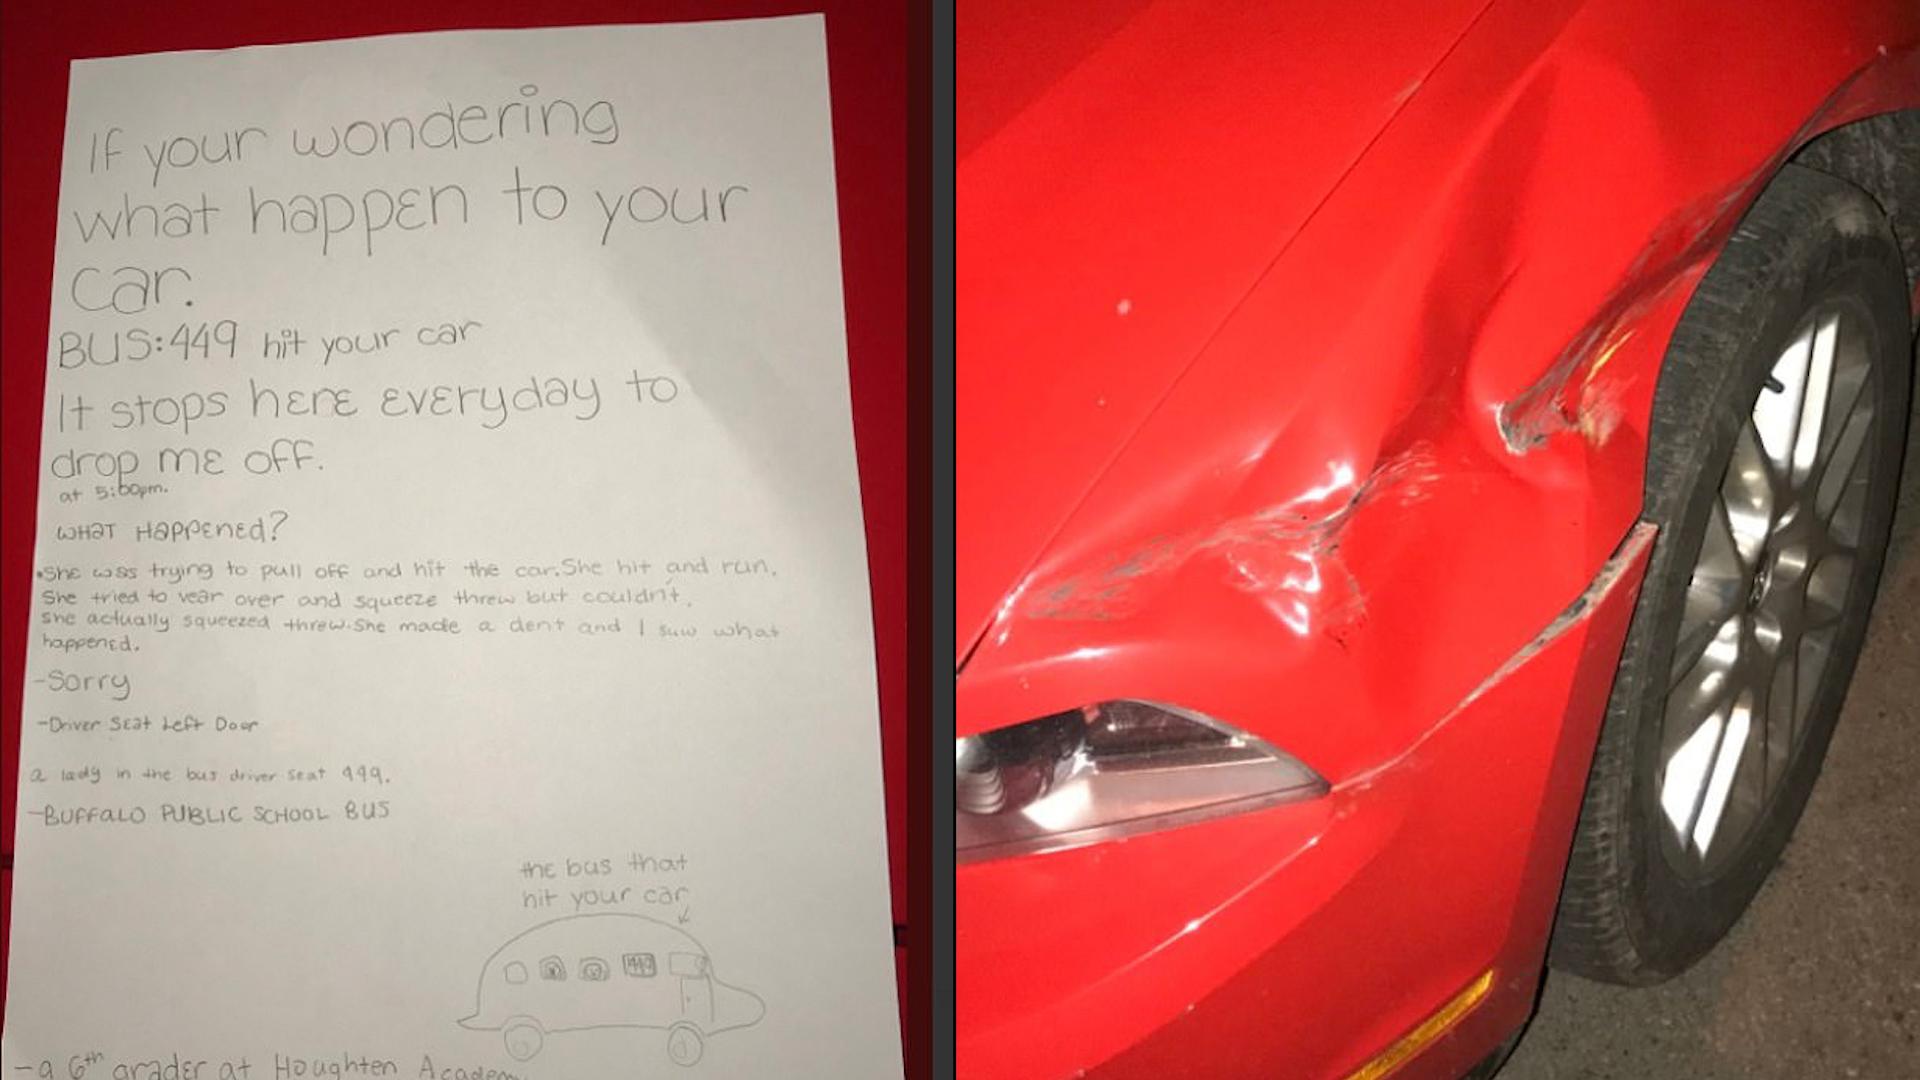 Uroczy liścik od ucznia, wyjaśnia co stało się z autem